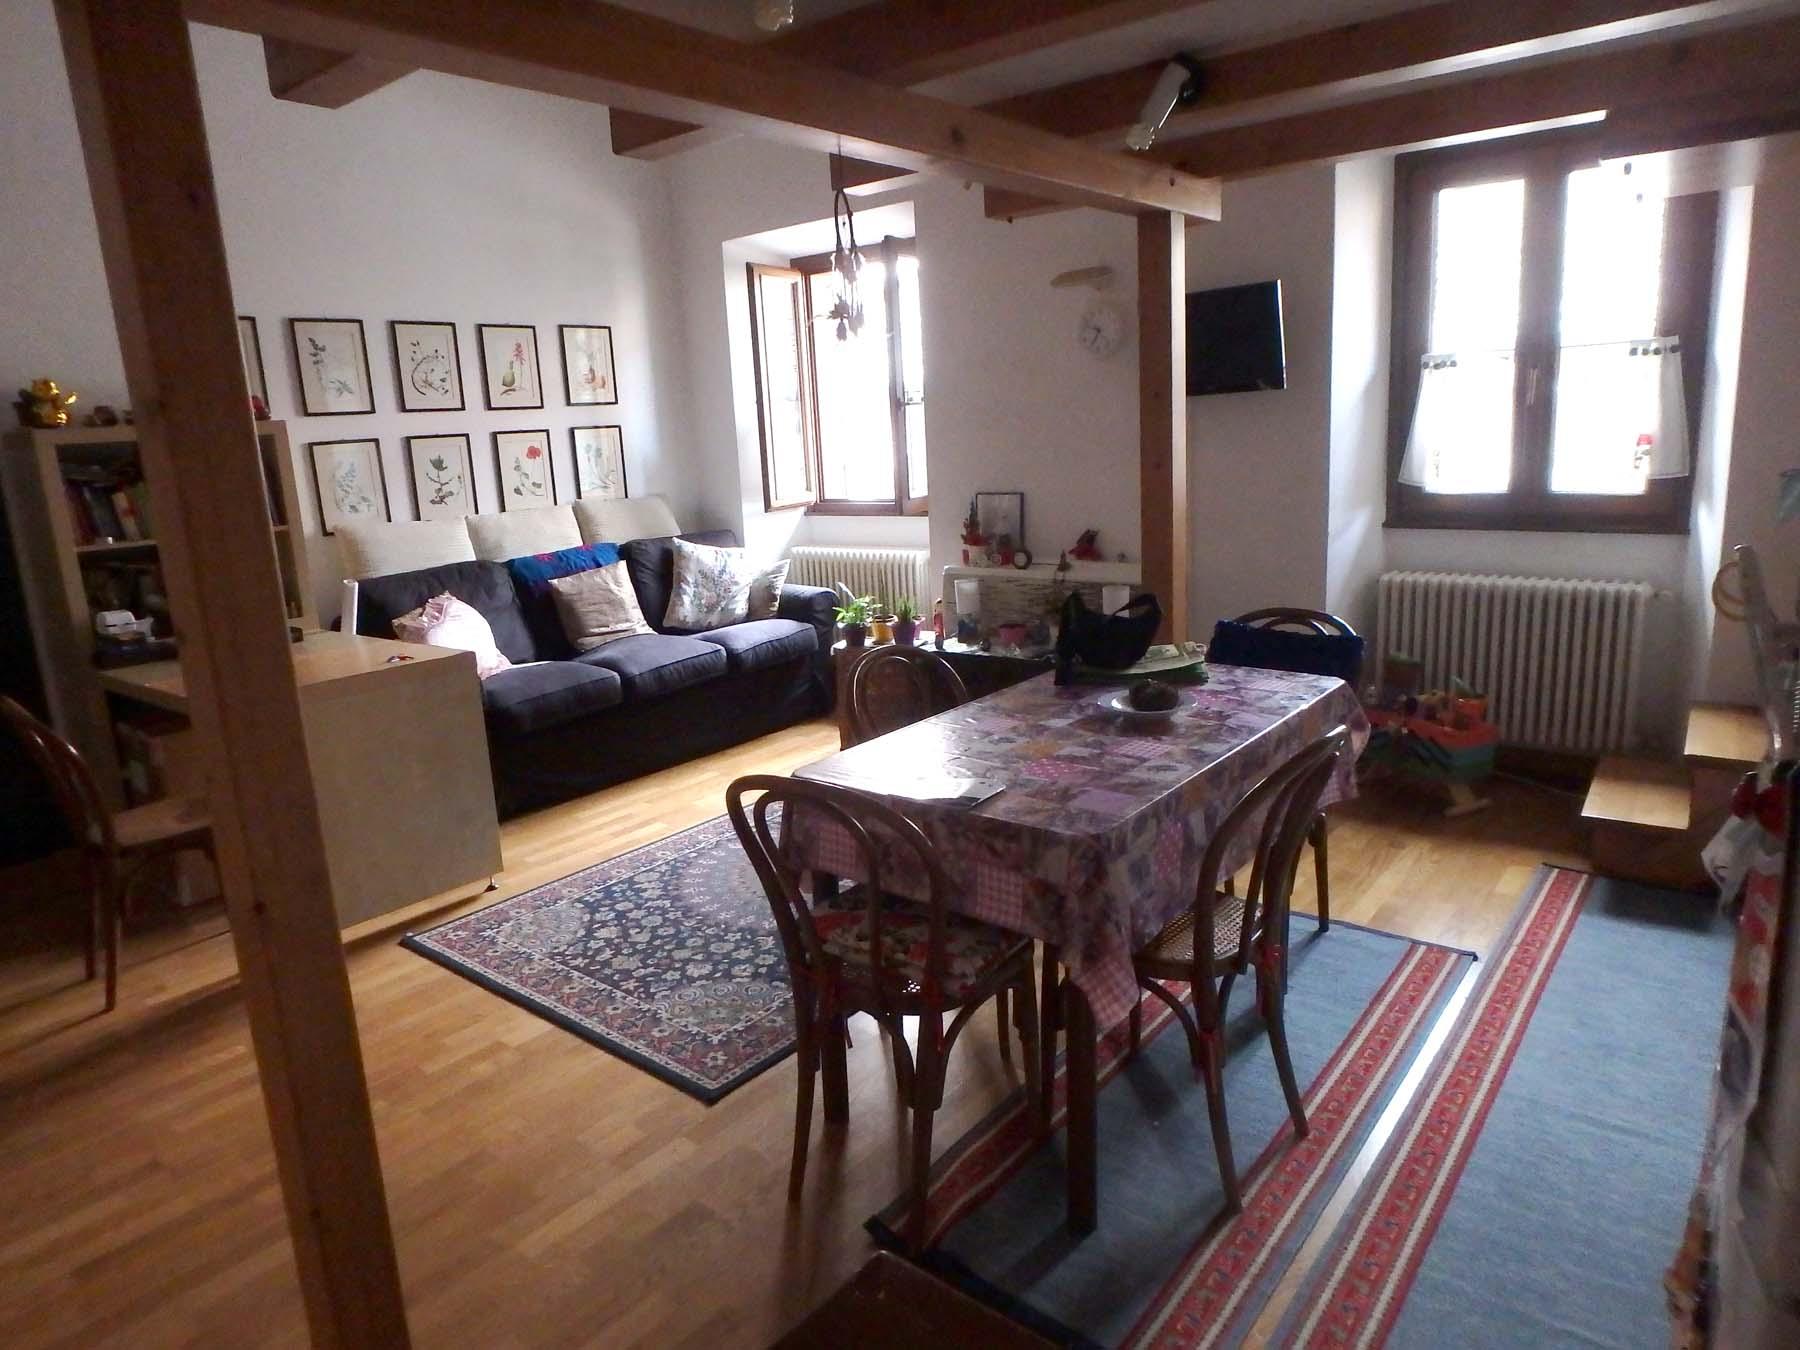 One bedroom flat in Menaggio's centre